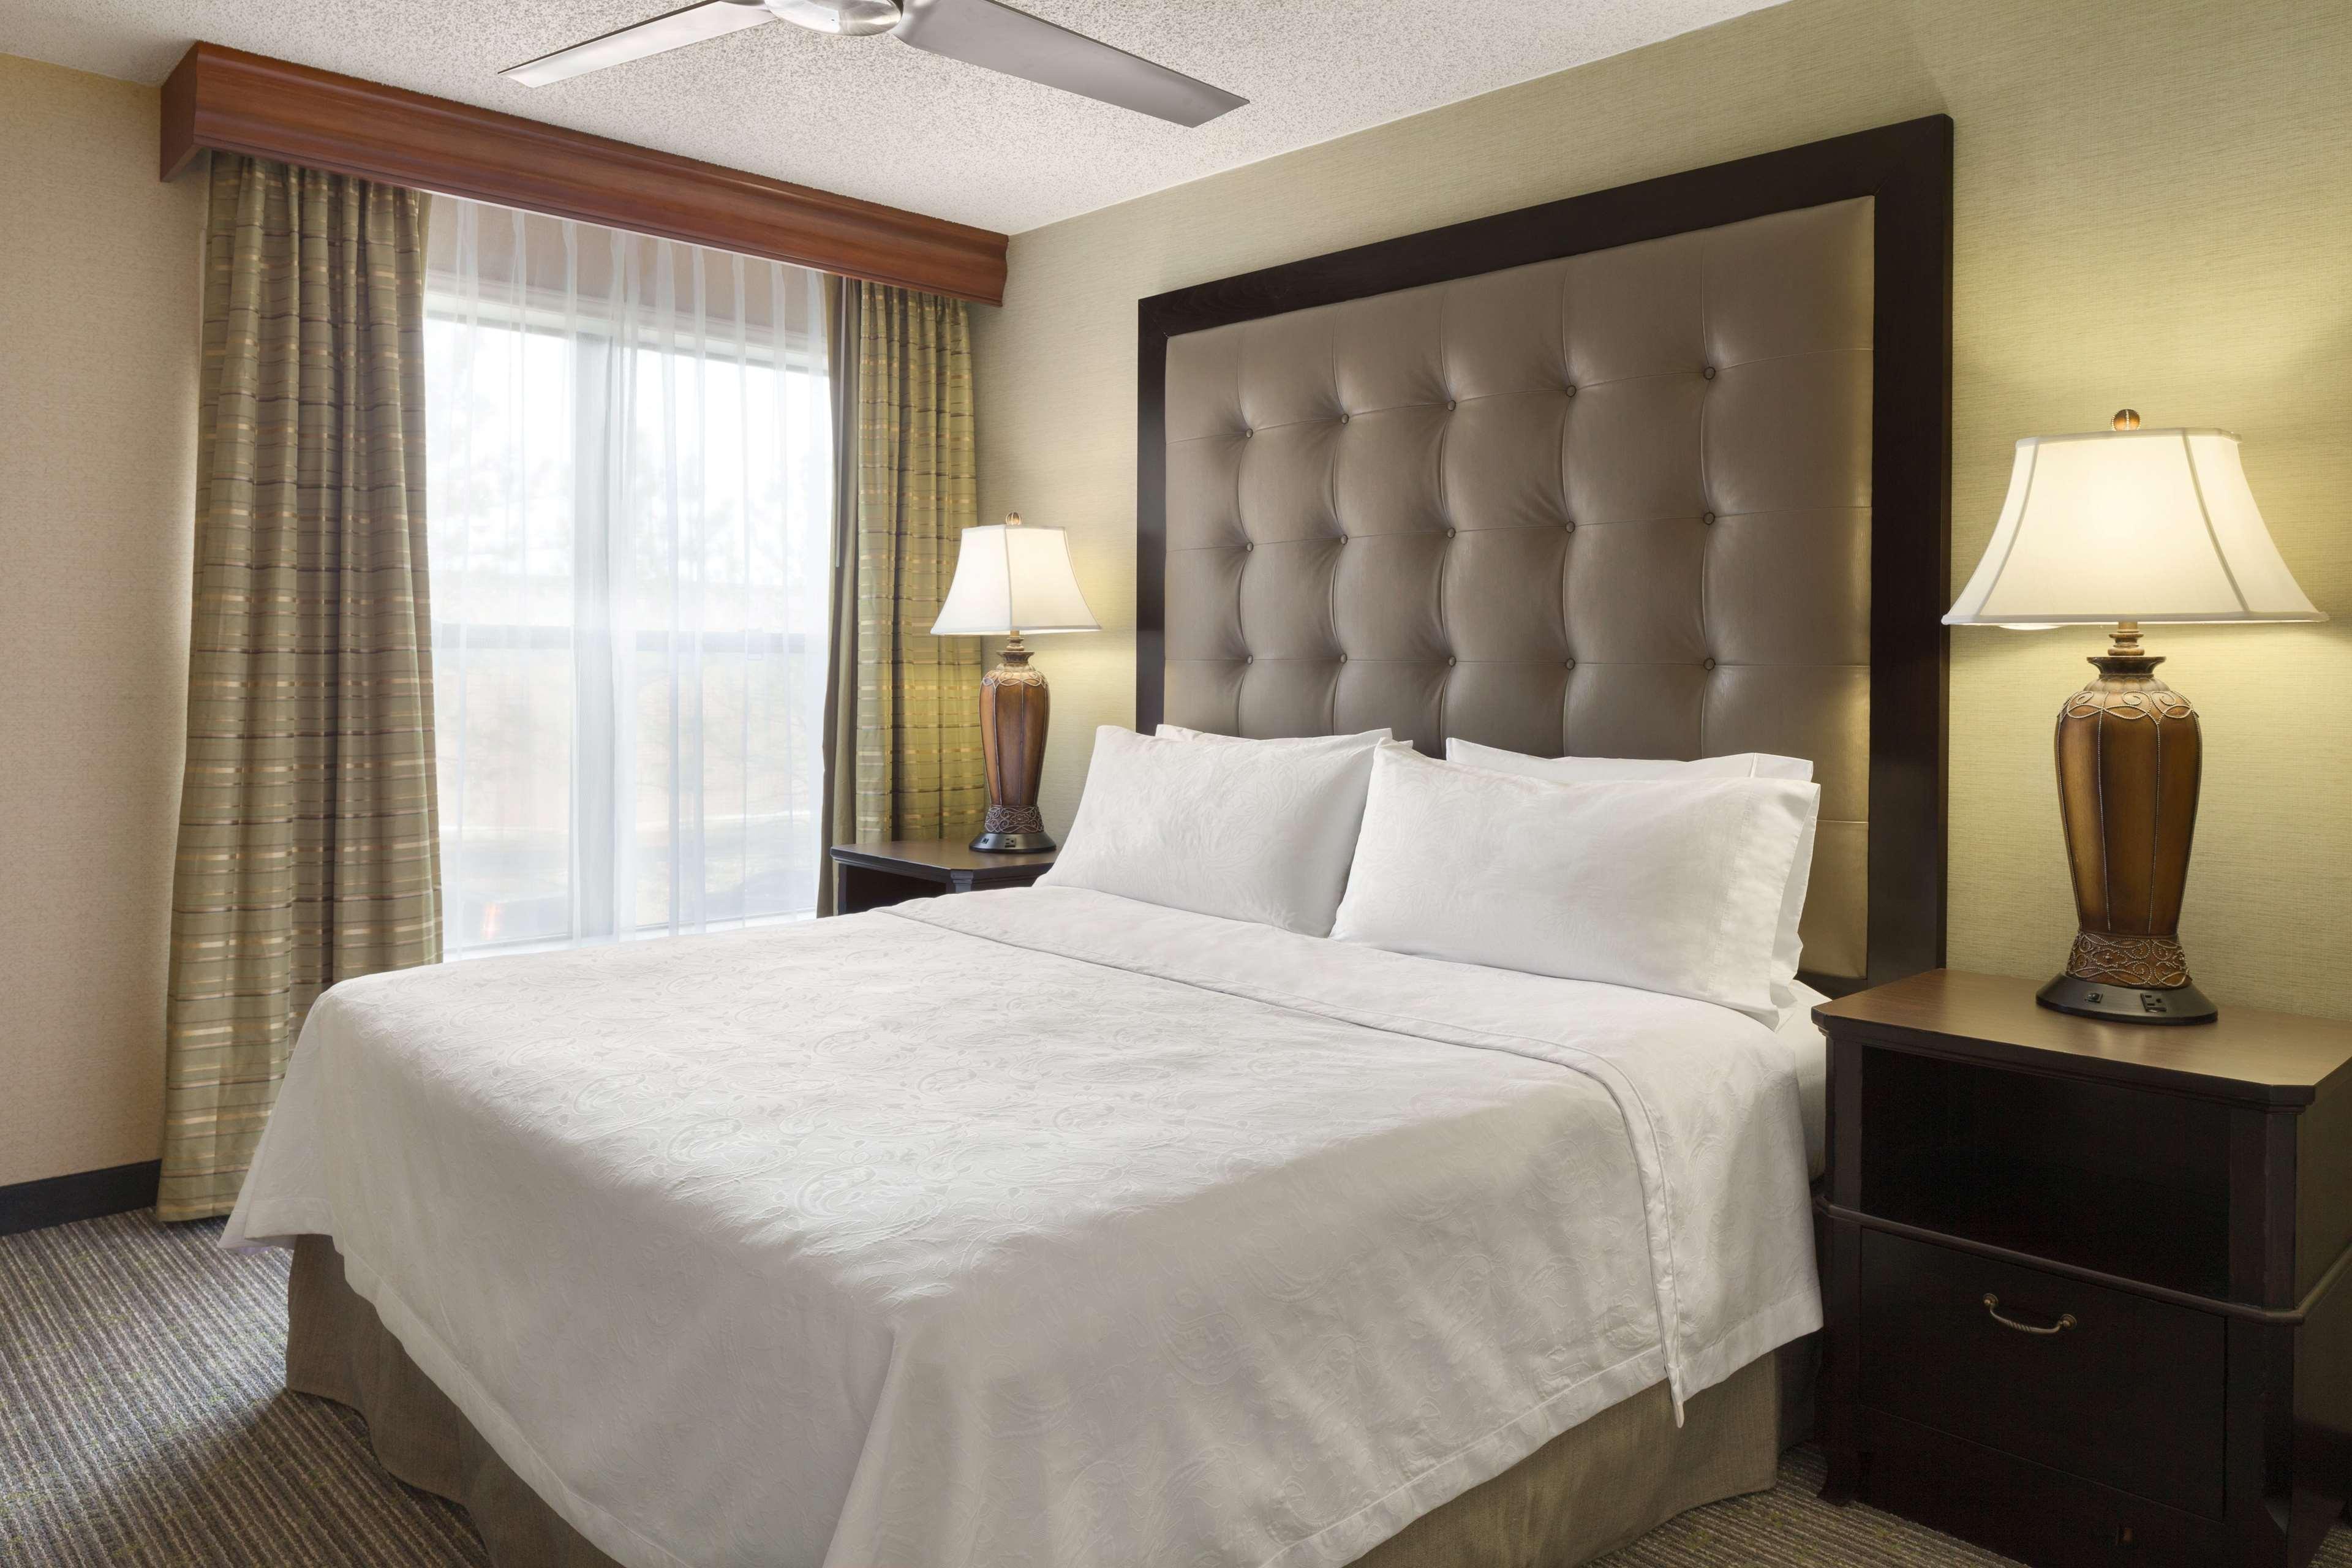 Homewood Suites by Hilton - Boulder image 19